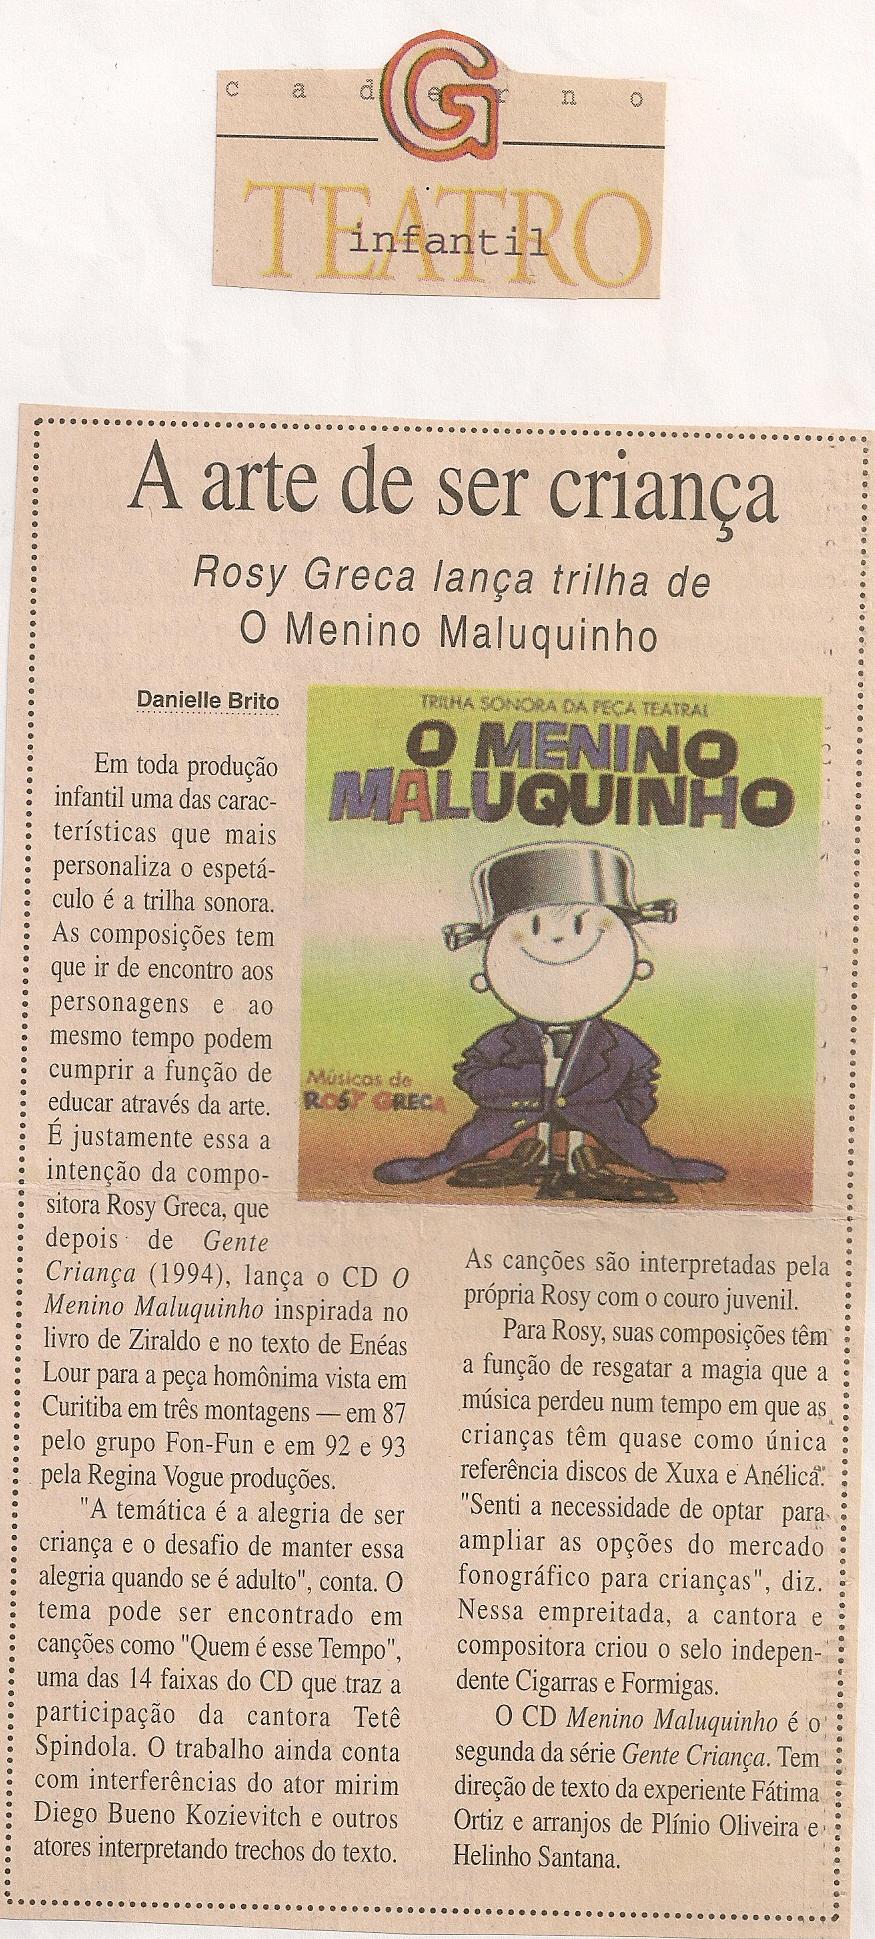 Rosy Greca lança trilha de O Menino Maluquinho